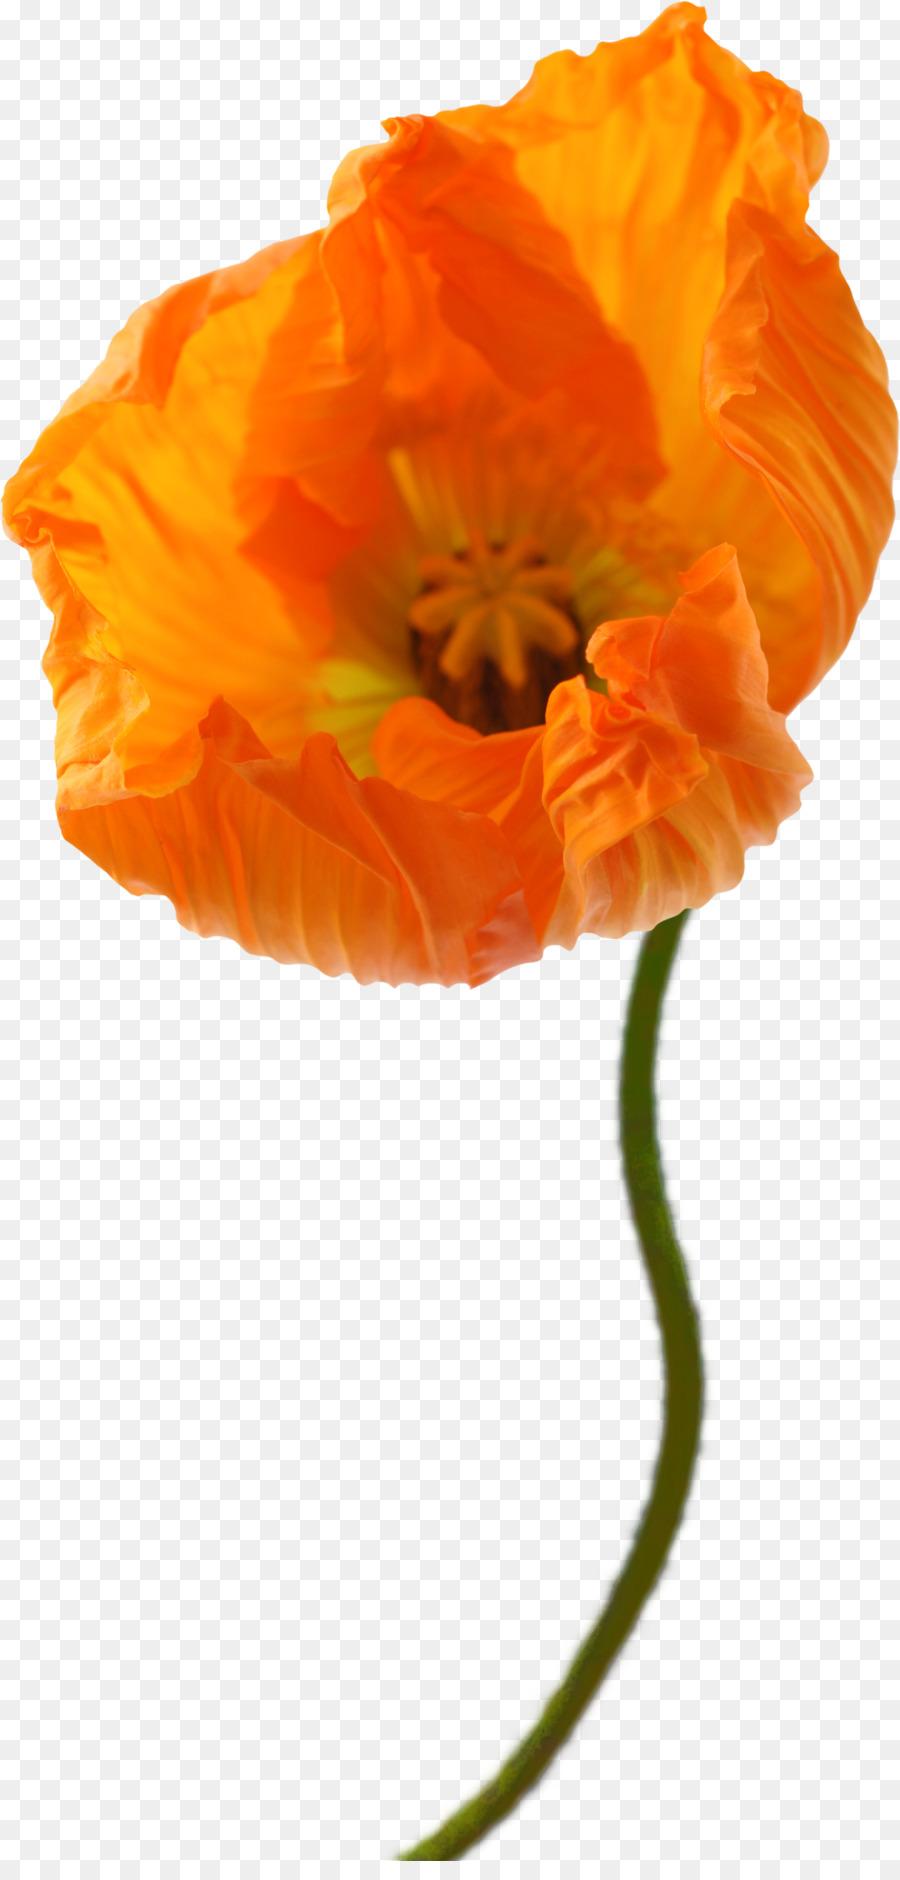 Descarga gratuita de Pintura A La Acuarela, Acuarela De Flores, Dibujo imágenes PNG